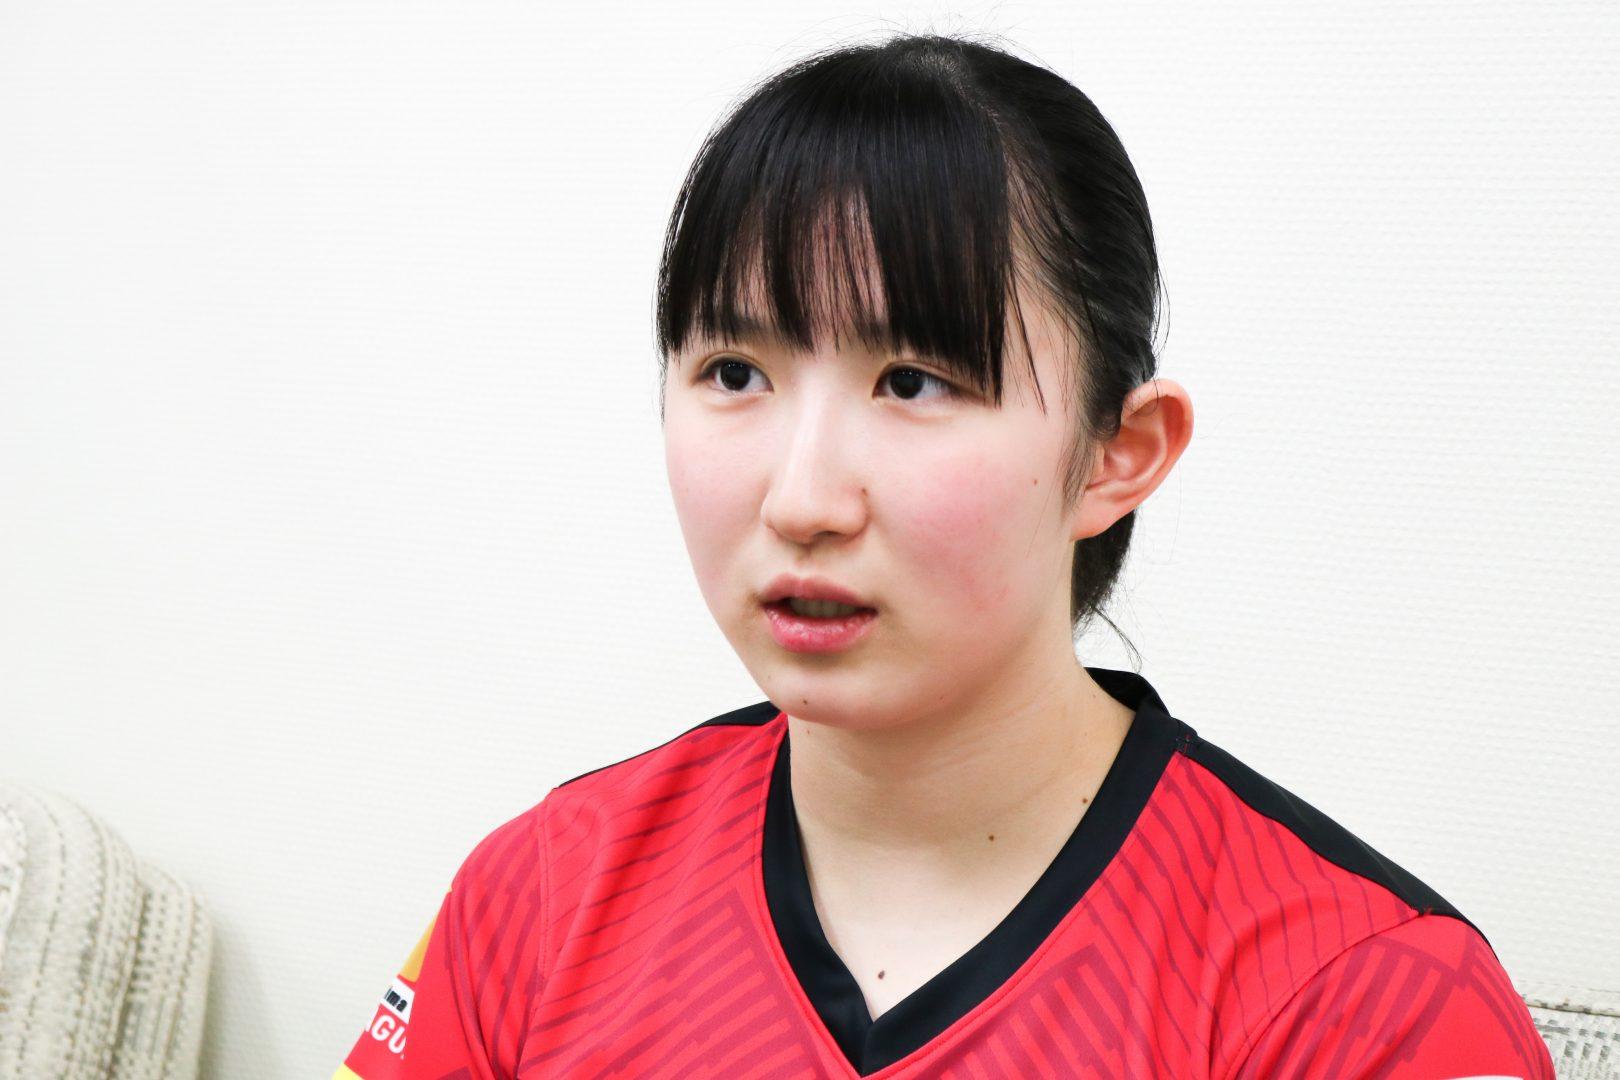 【早田ひな#1】Tリーグ初のMVP 卓球三昧の18歳は「楽しさを忘れない」